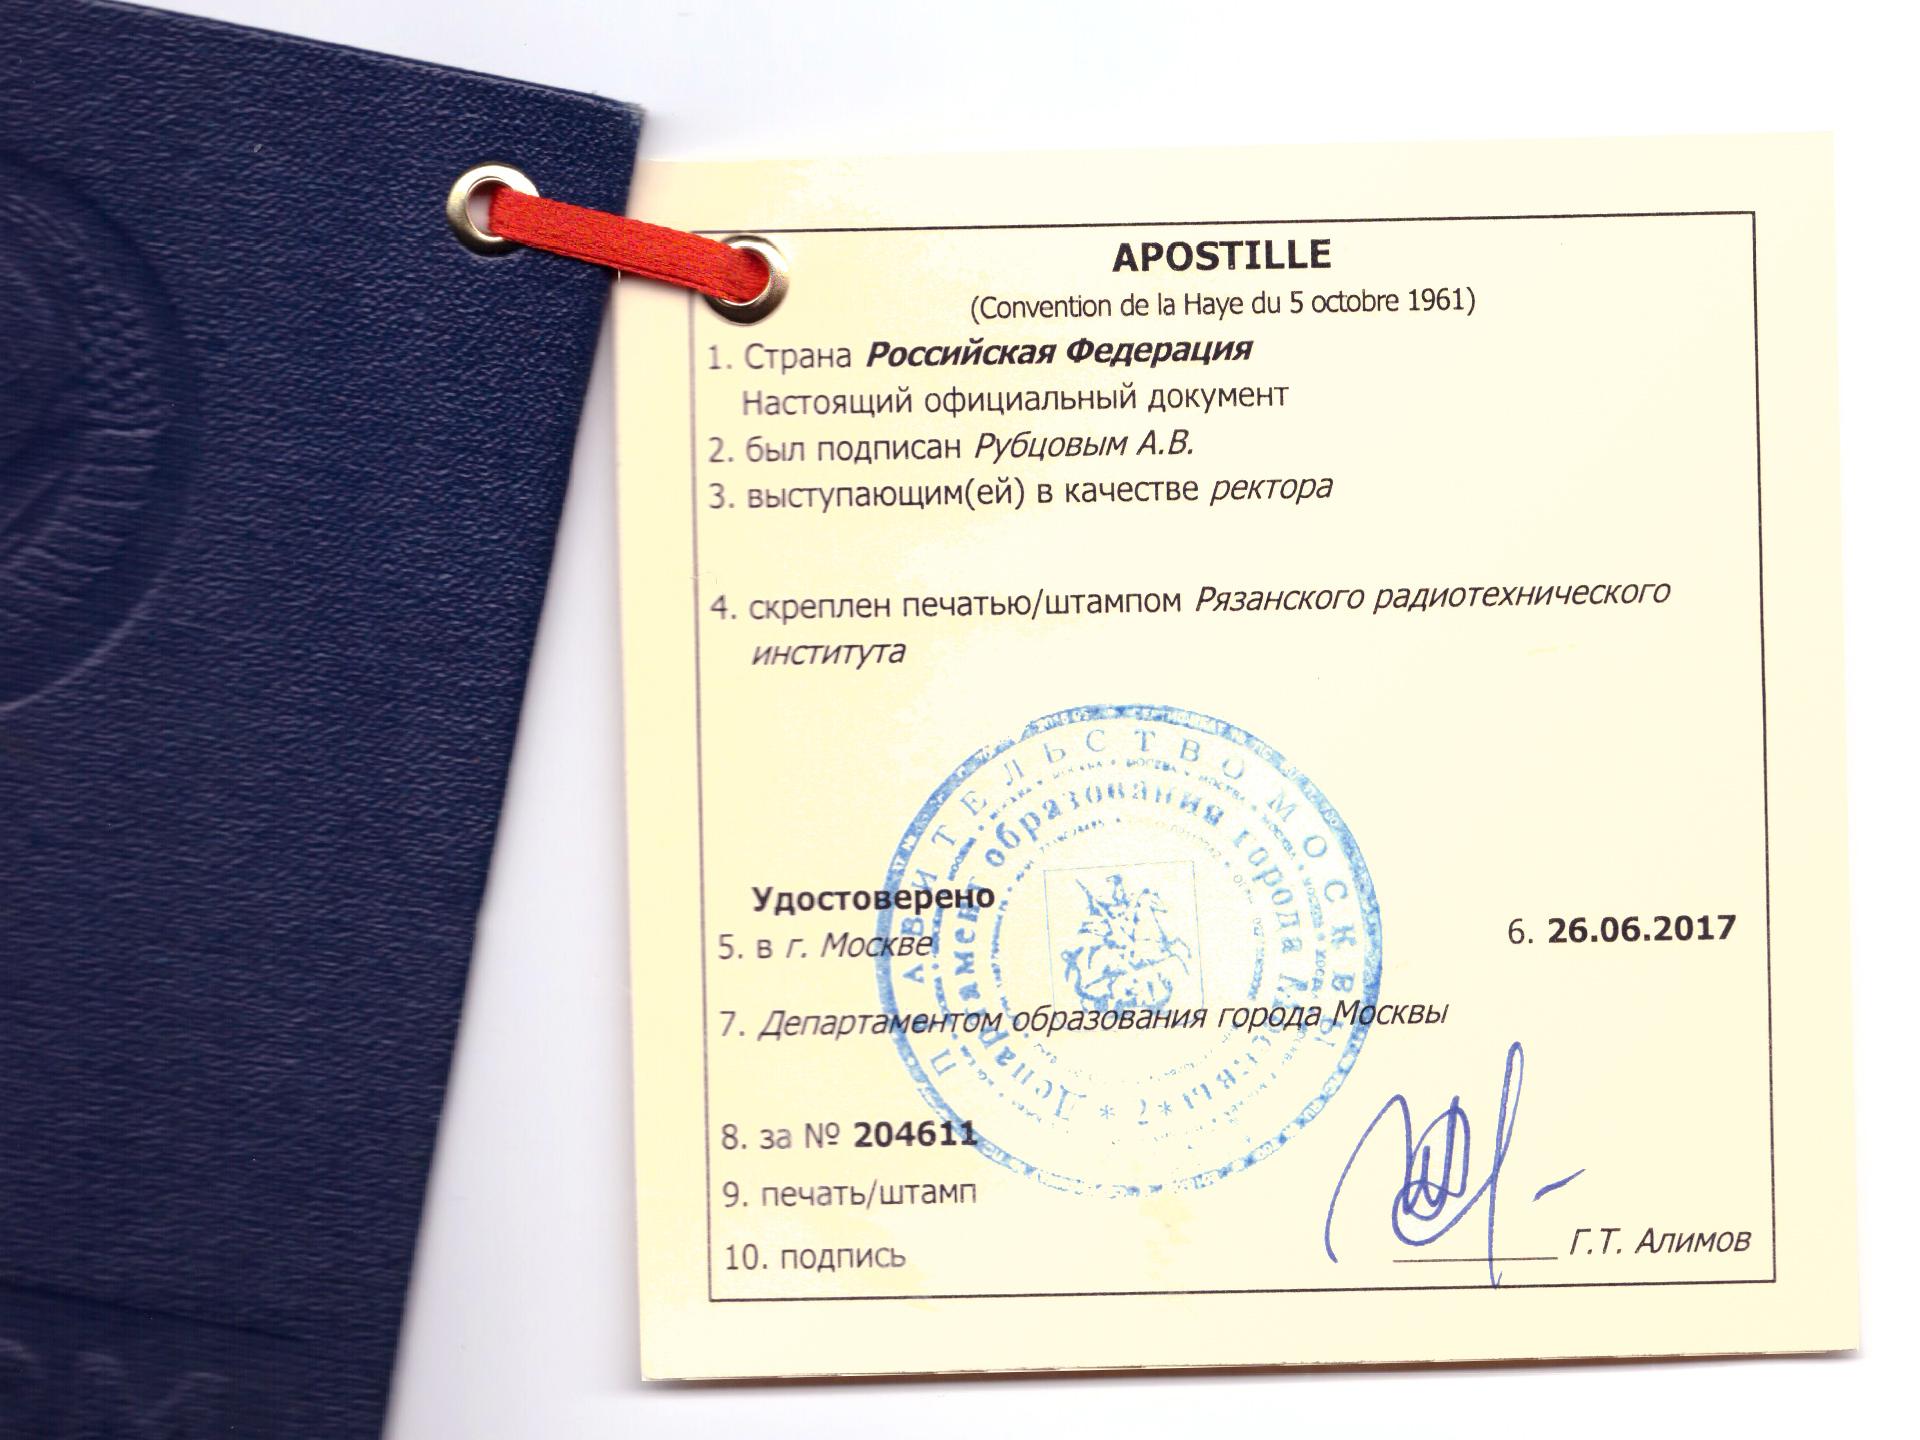 Диплом государственного образца проверка подлинности апостиль Апостиль является официальным подтверждением диплома государственного образца Этот штамп имеют право ставить только на оригиналы документов